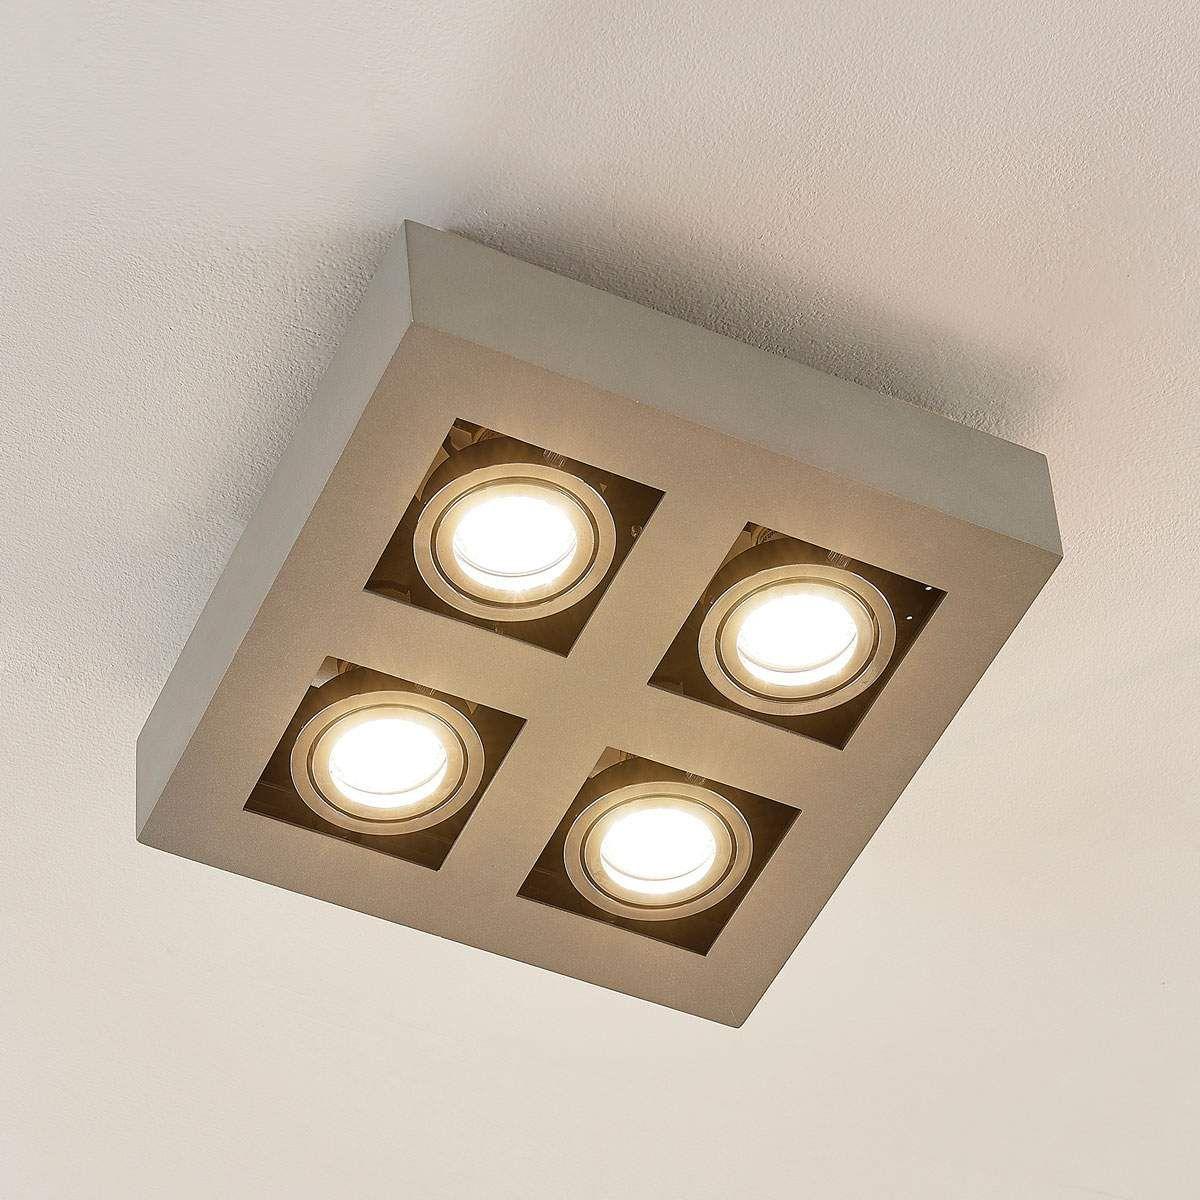 Gu10 Strahler Vince Mit Led Lampen Led Lampe Led